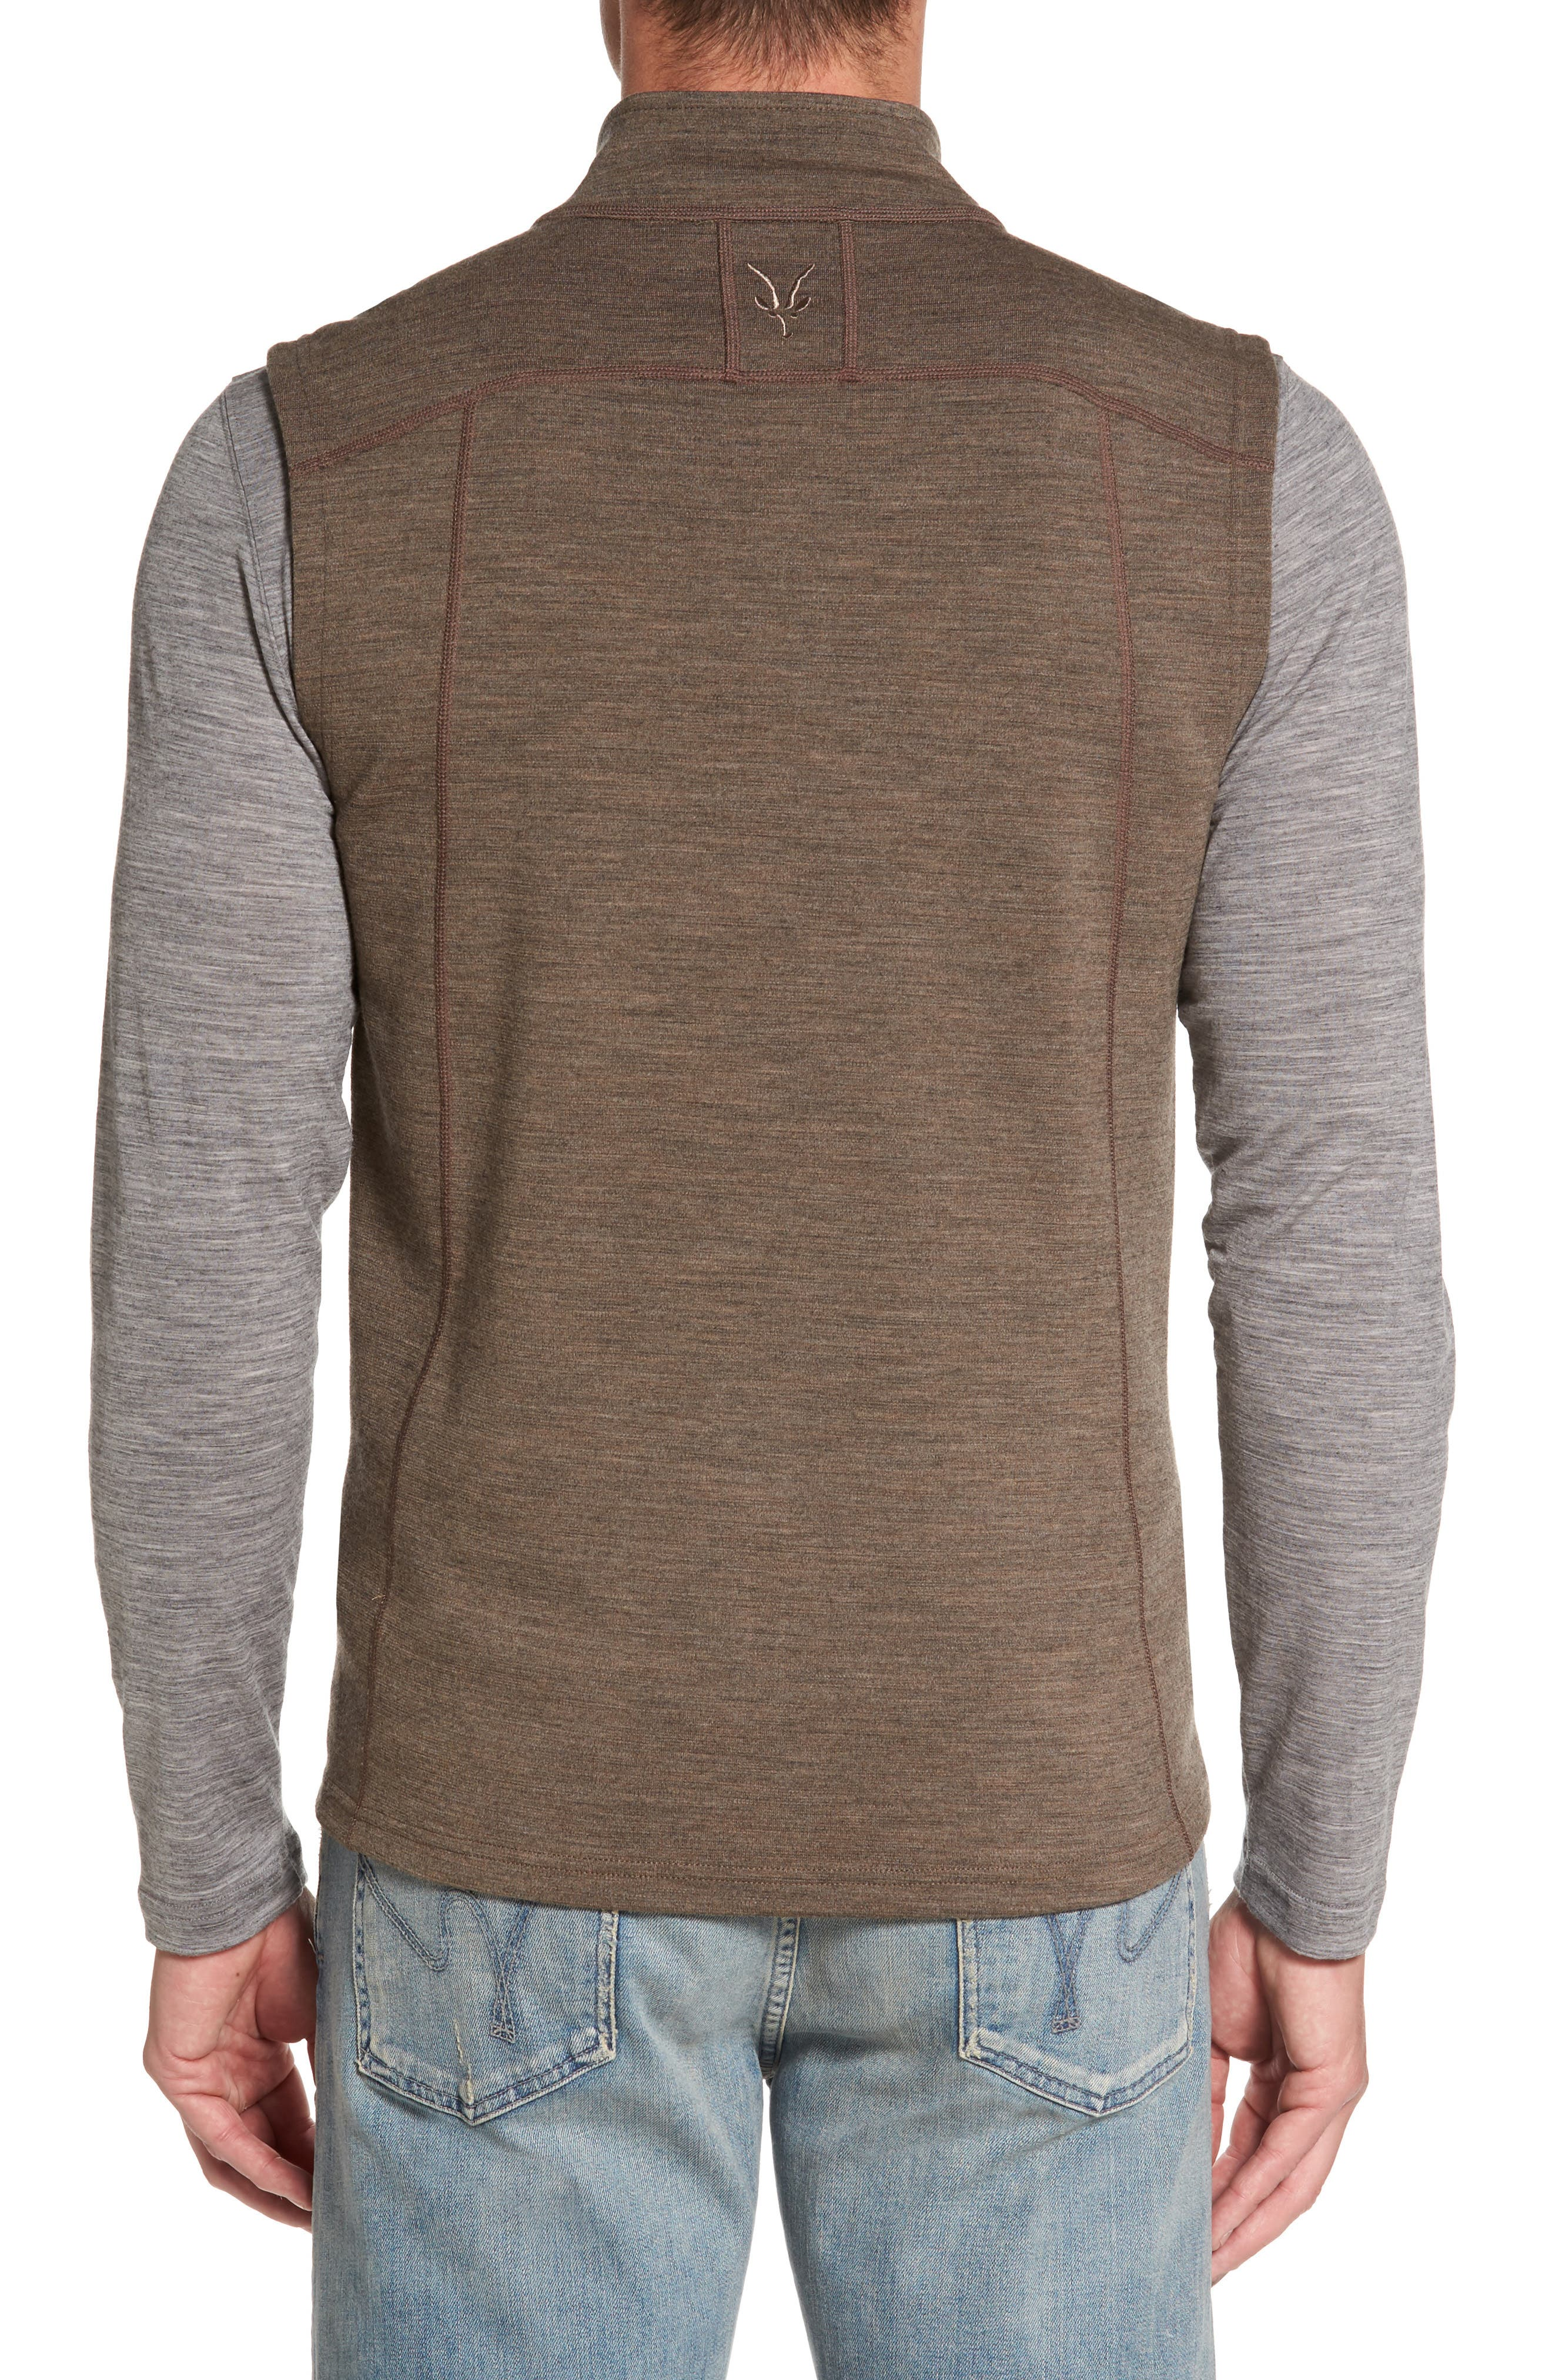 'Shak' Merino Wool Vest,                             Alternate thumbnail 2, color,                             250